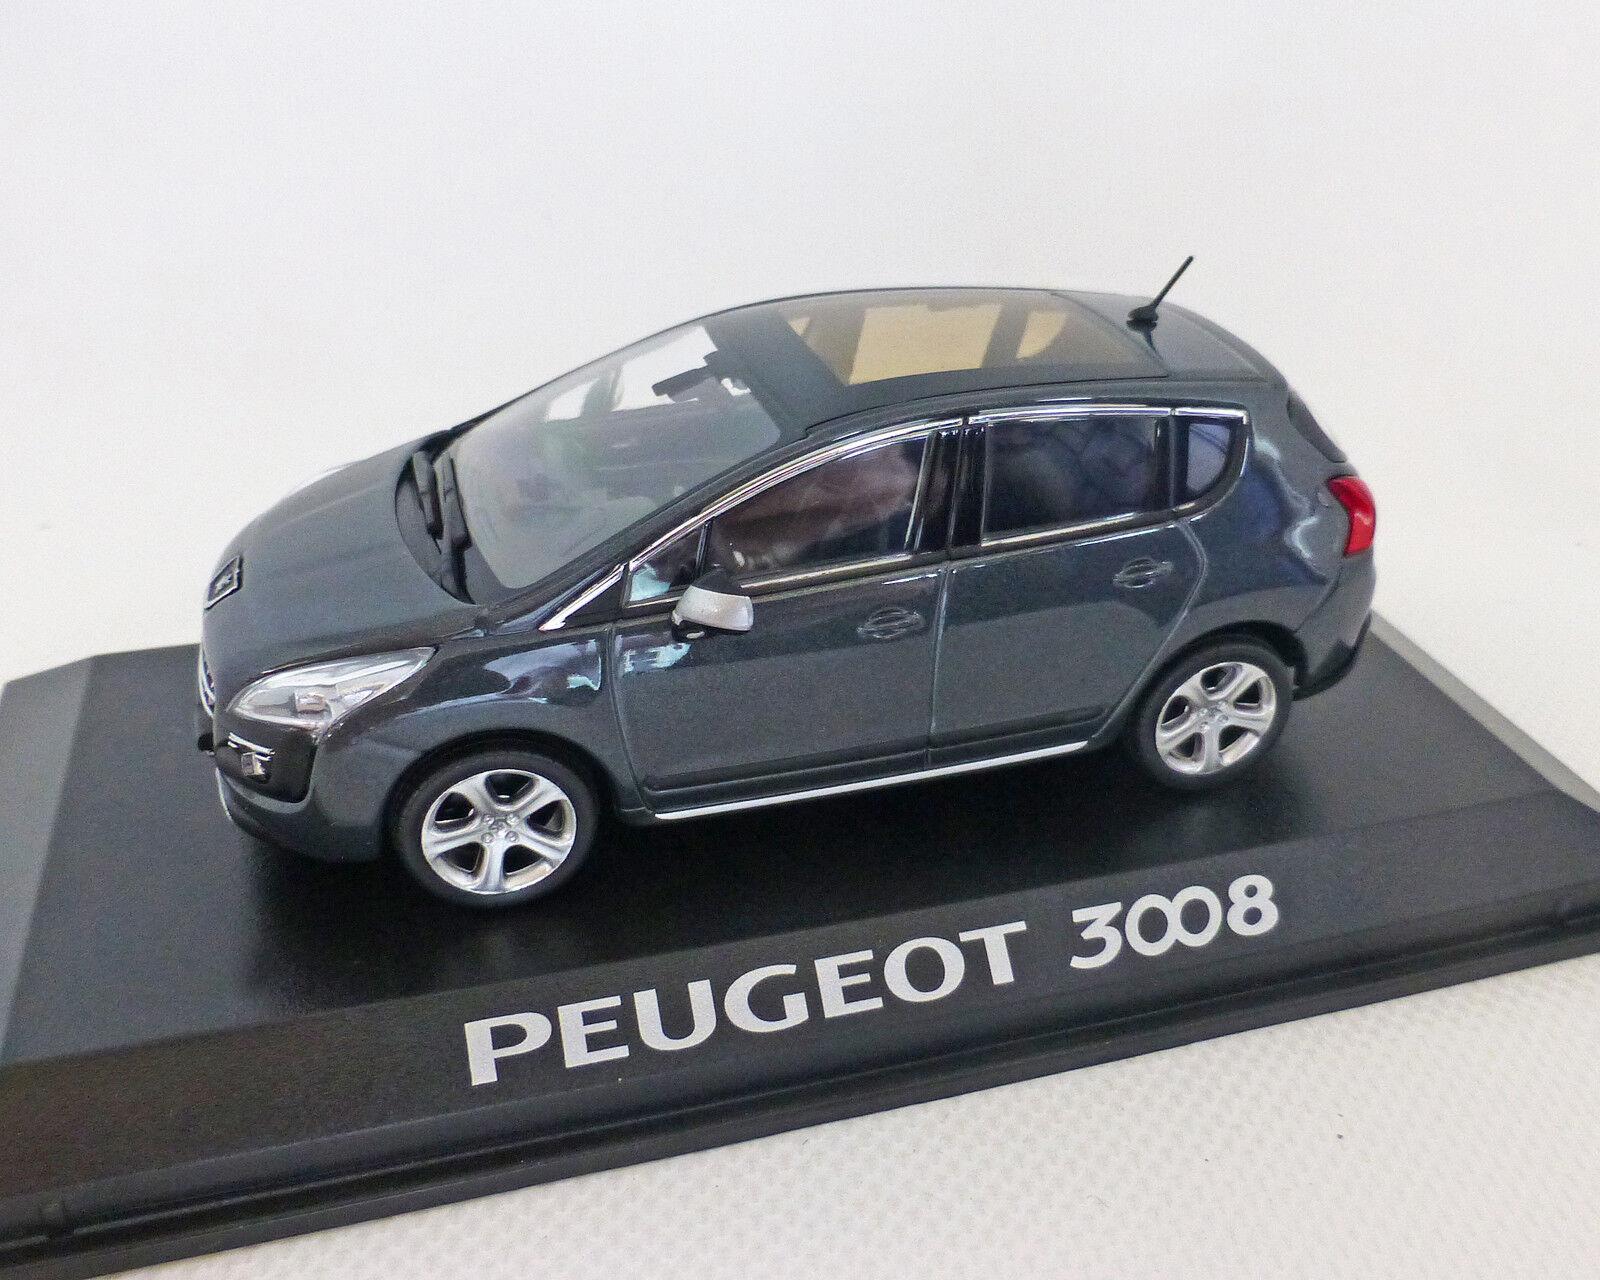 Peugeot 3008 (Series 1) grey-Met. 1 43, Norev